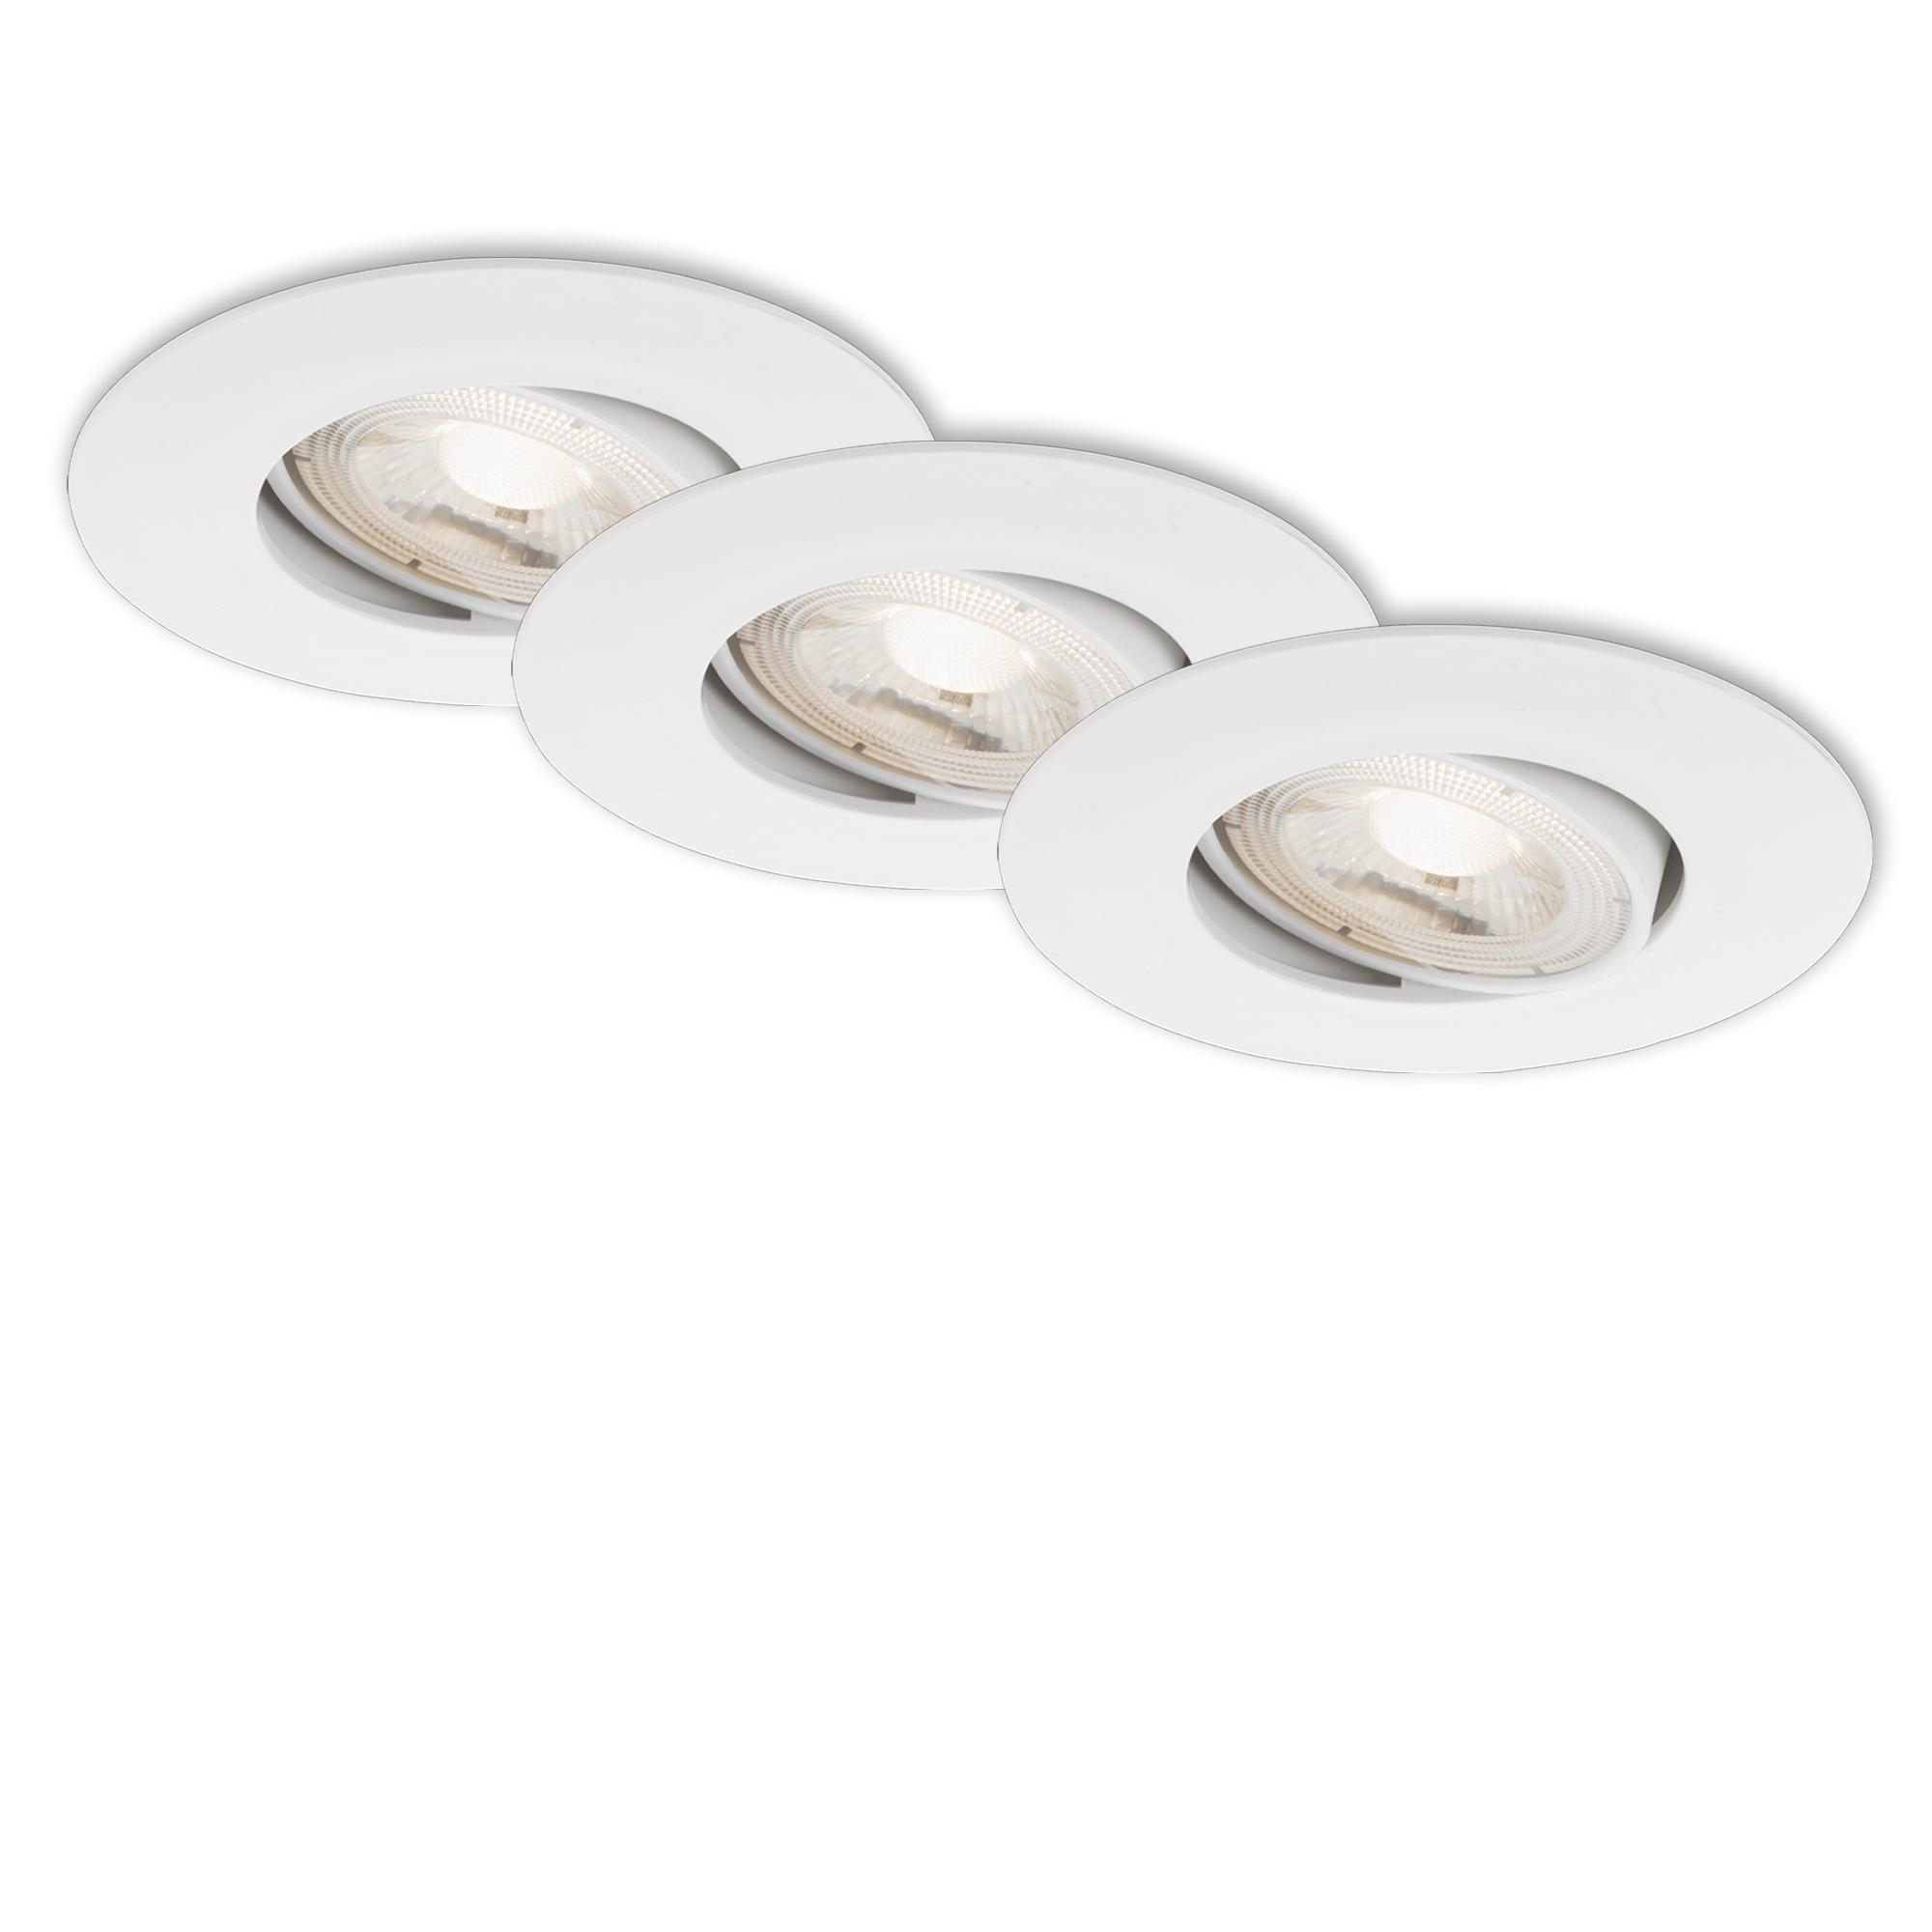 3er Set Ultraflache LED Einbauleuchte, Ø 9 cm, 5 W, Weiß